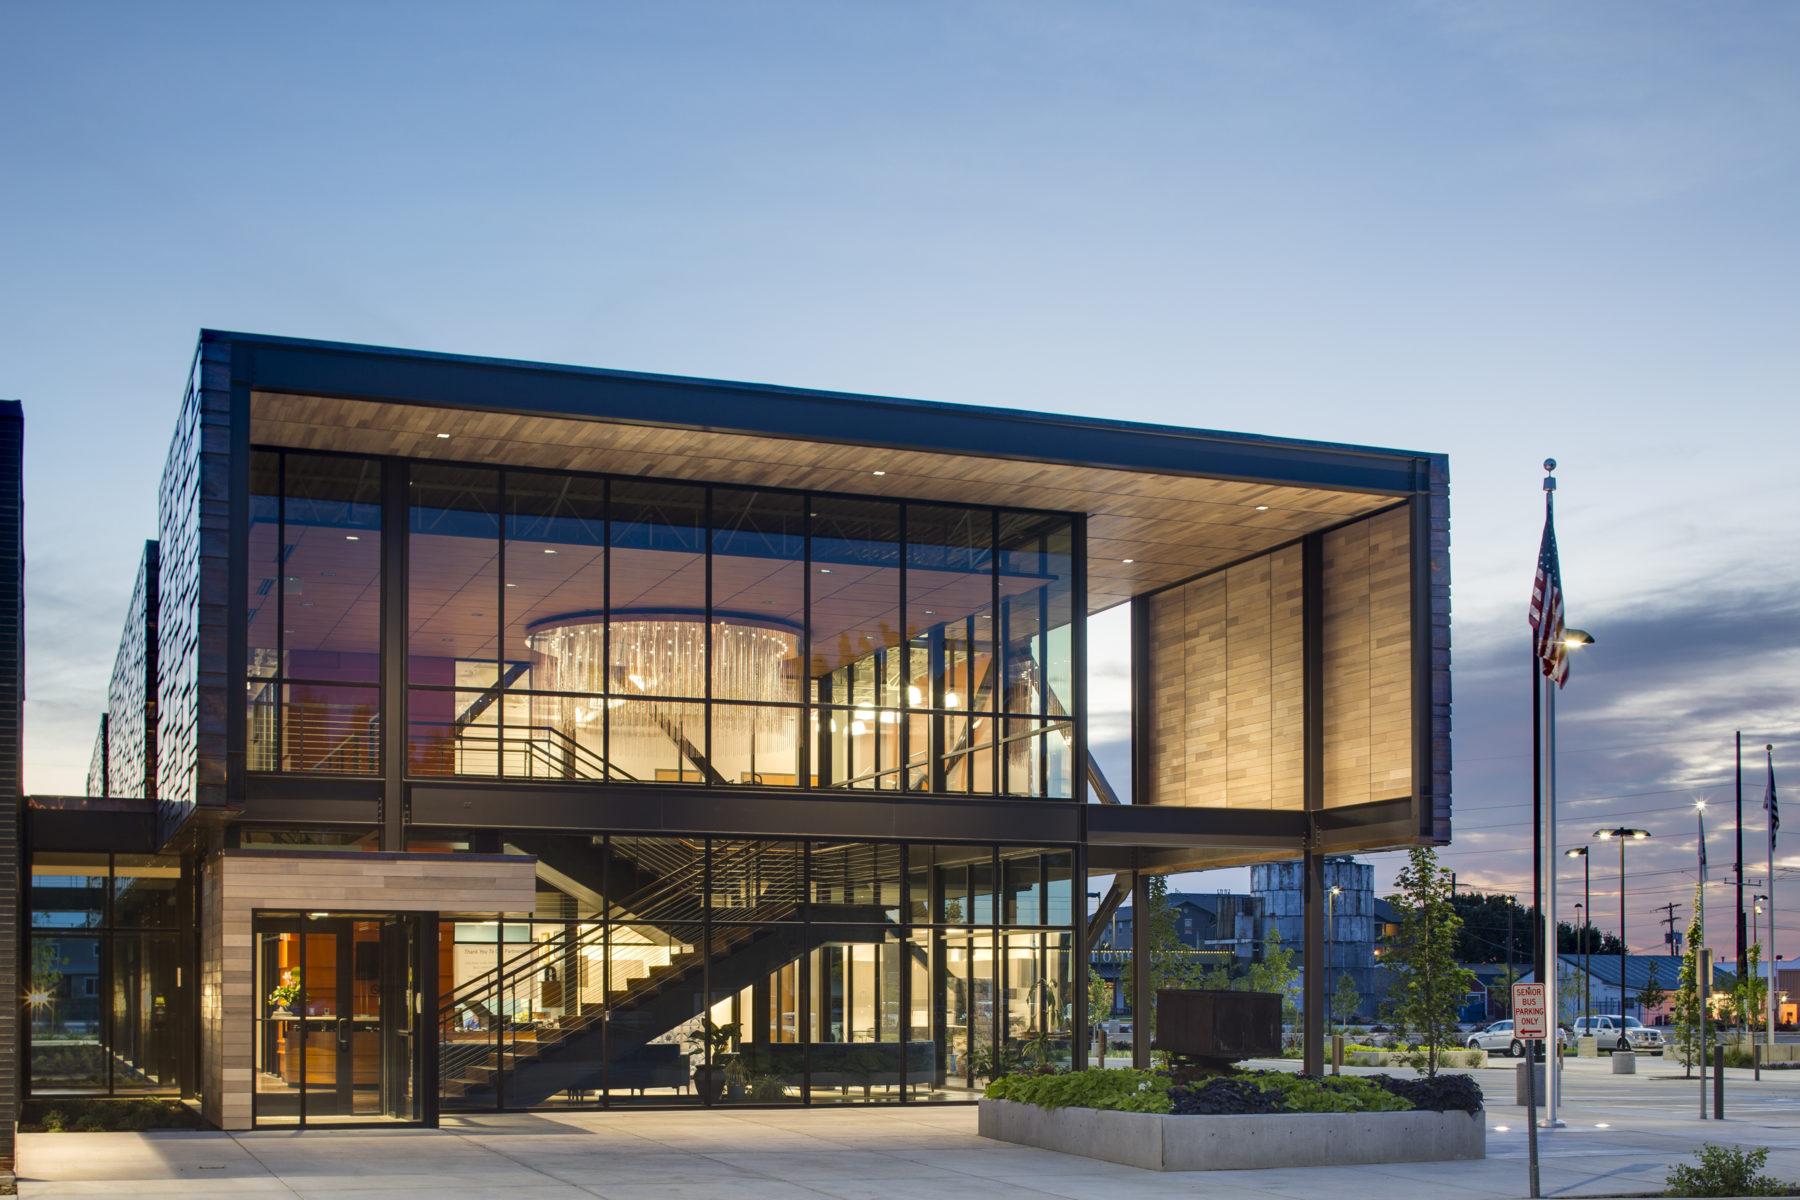 Midvale Senior Center